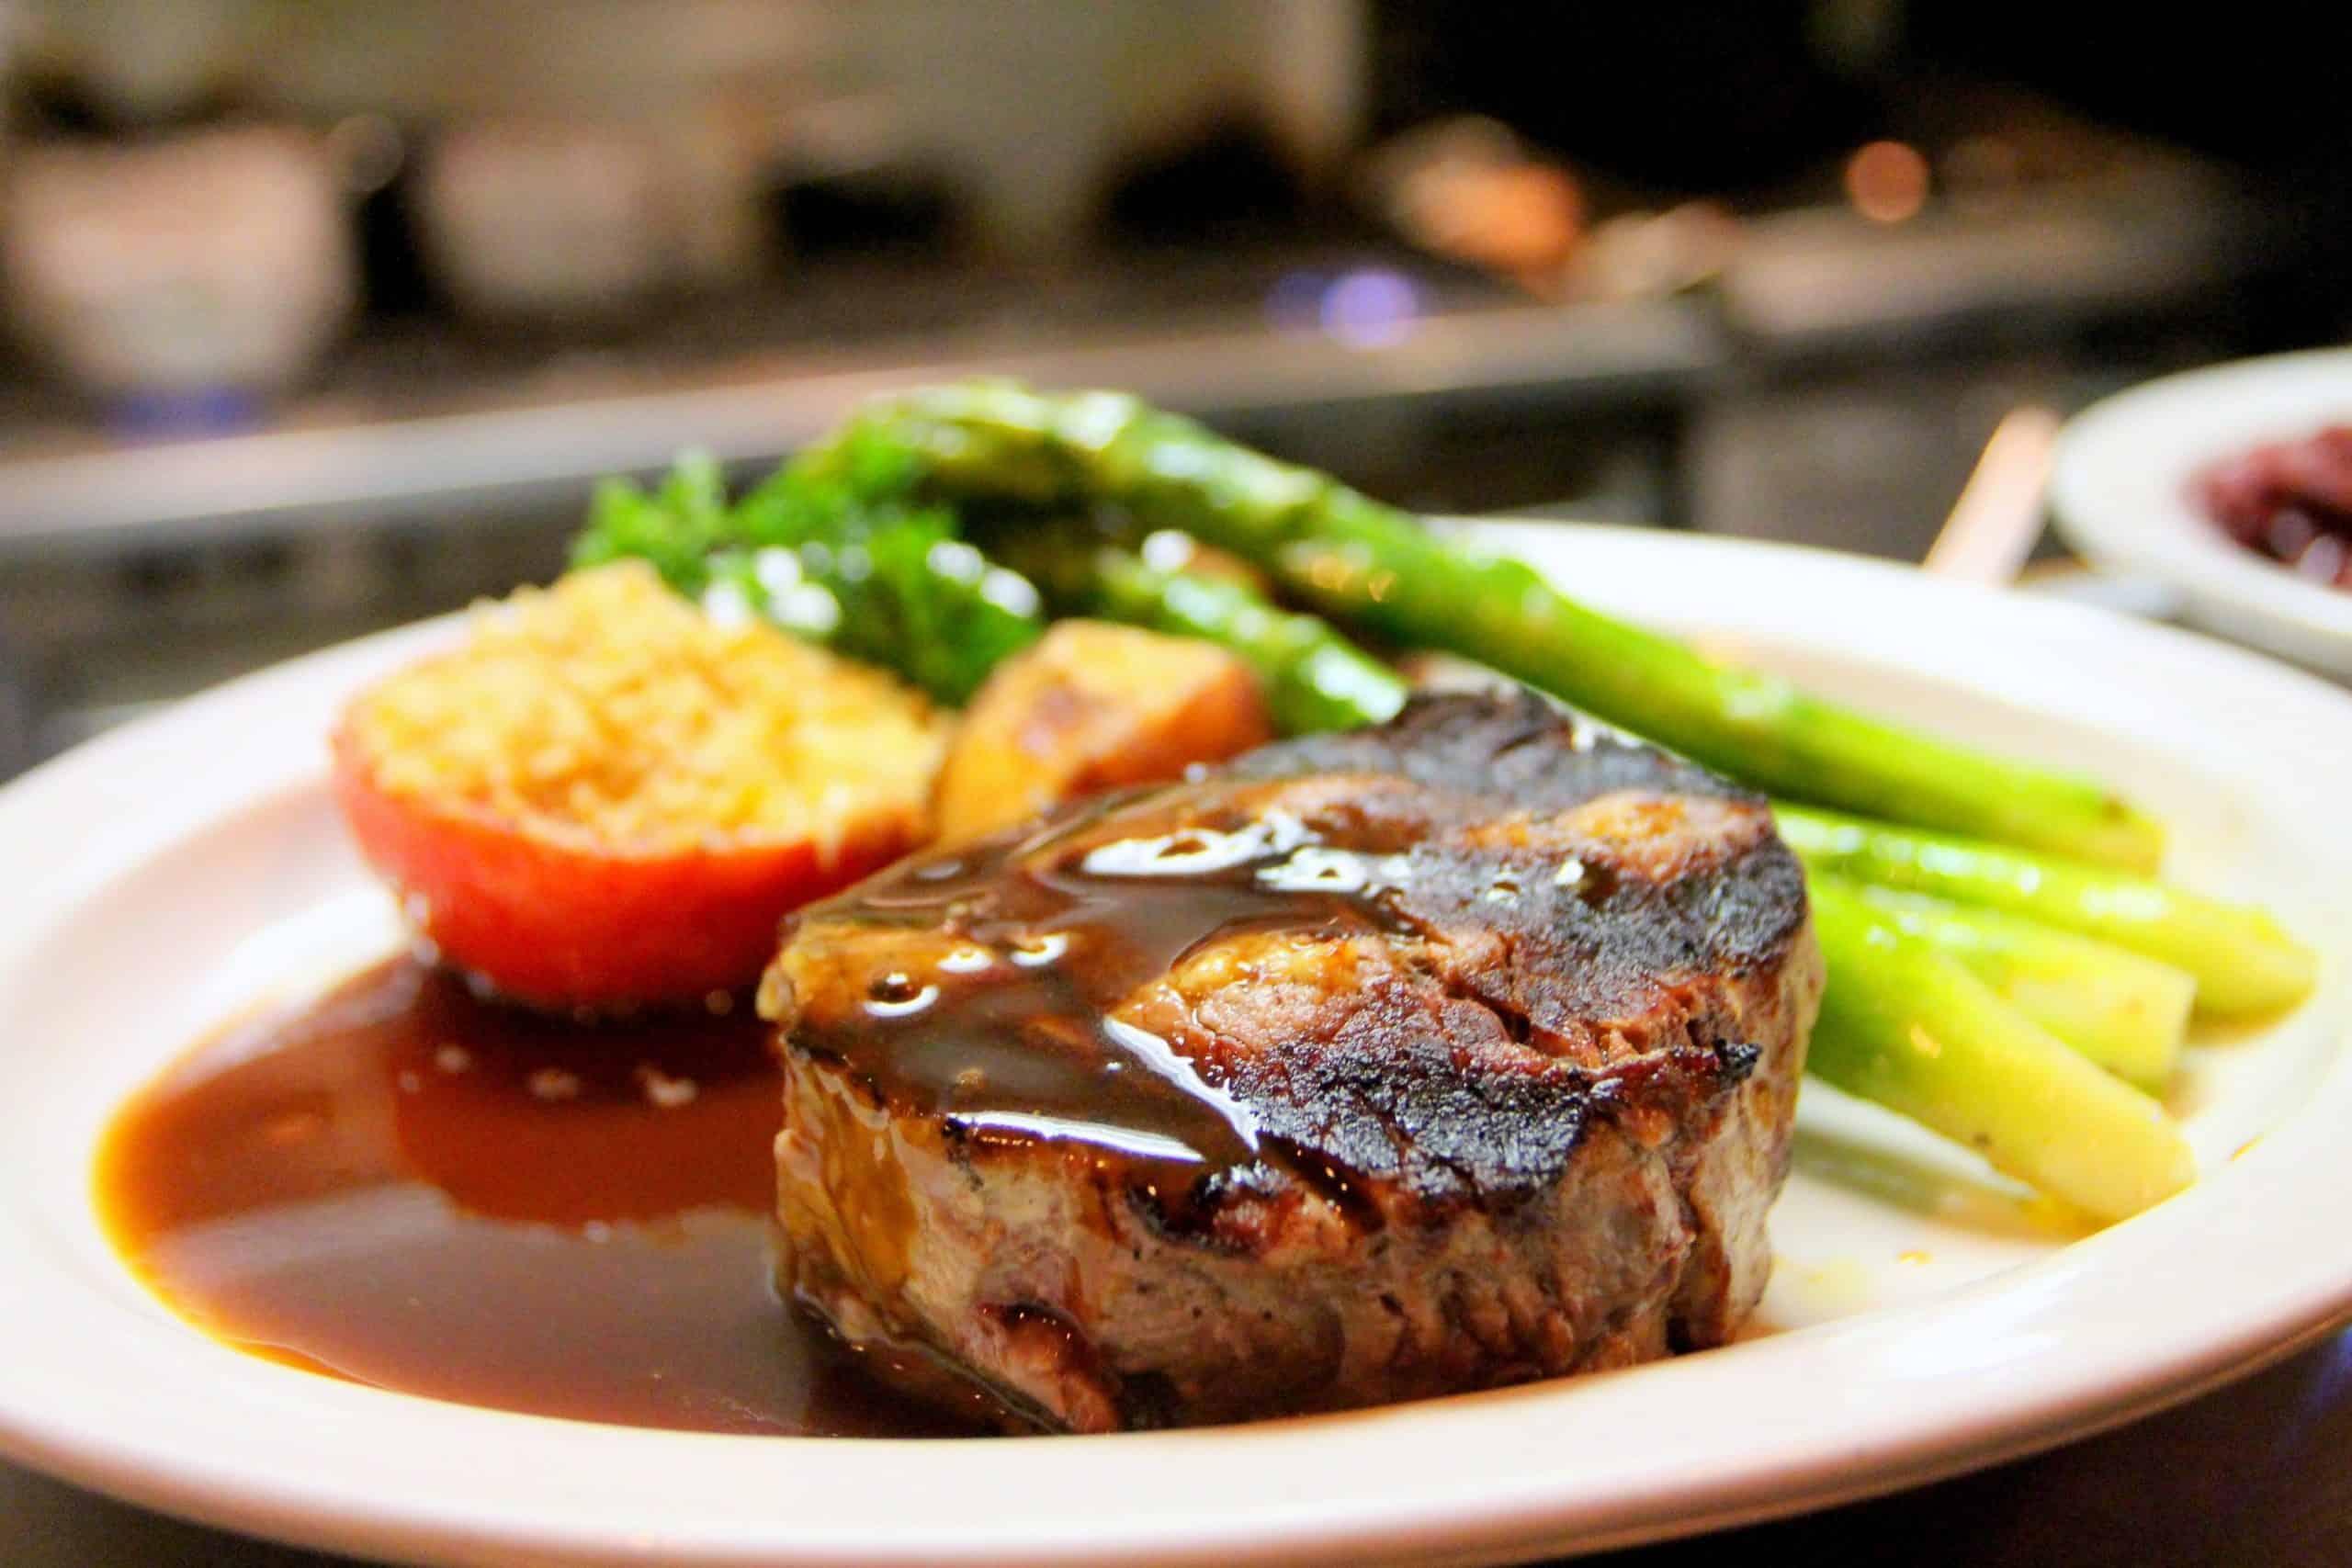 keto diet food on plate